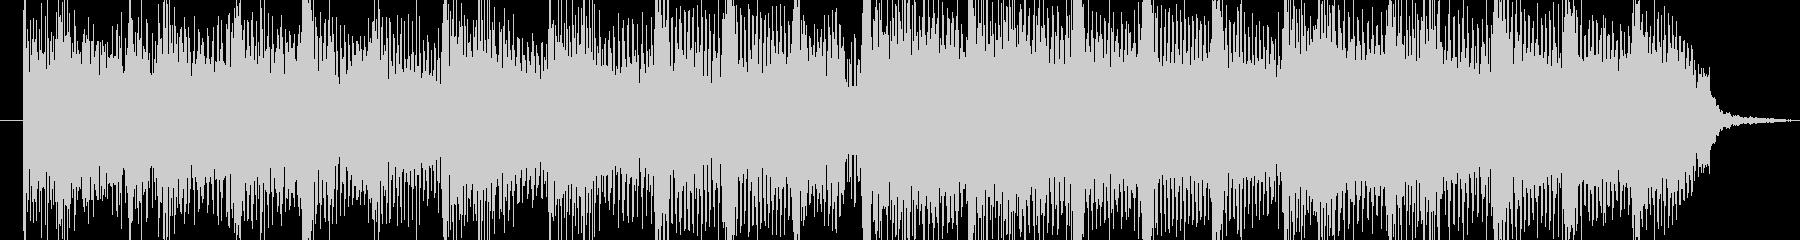 インパクトのあるハードロックジングルの未再生の波形